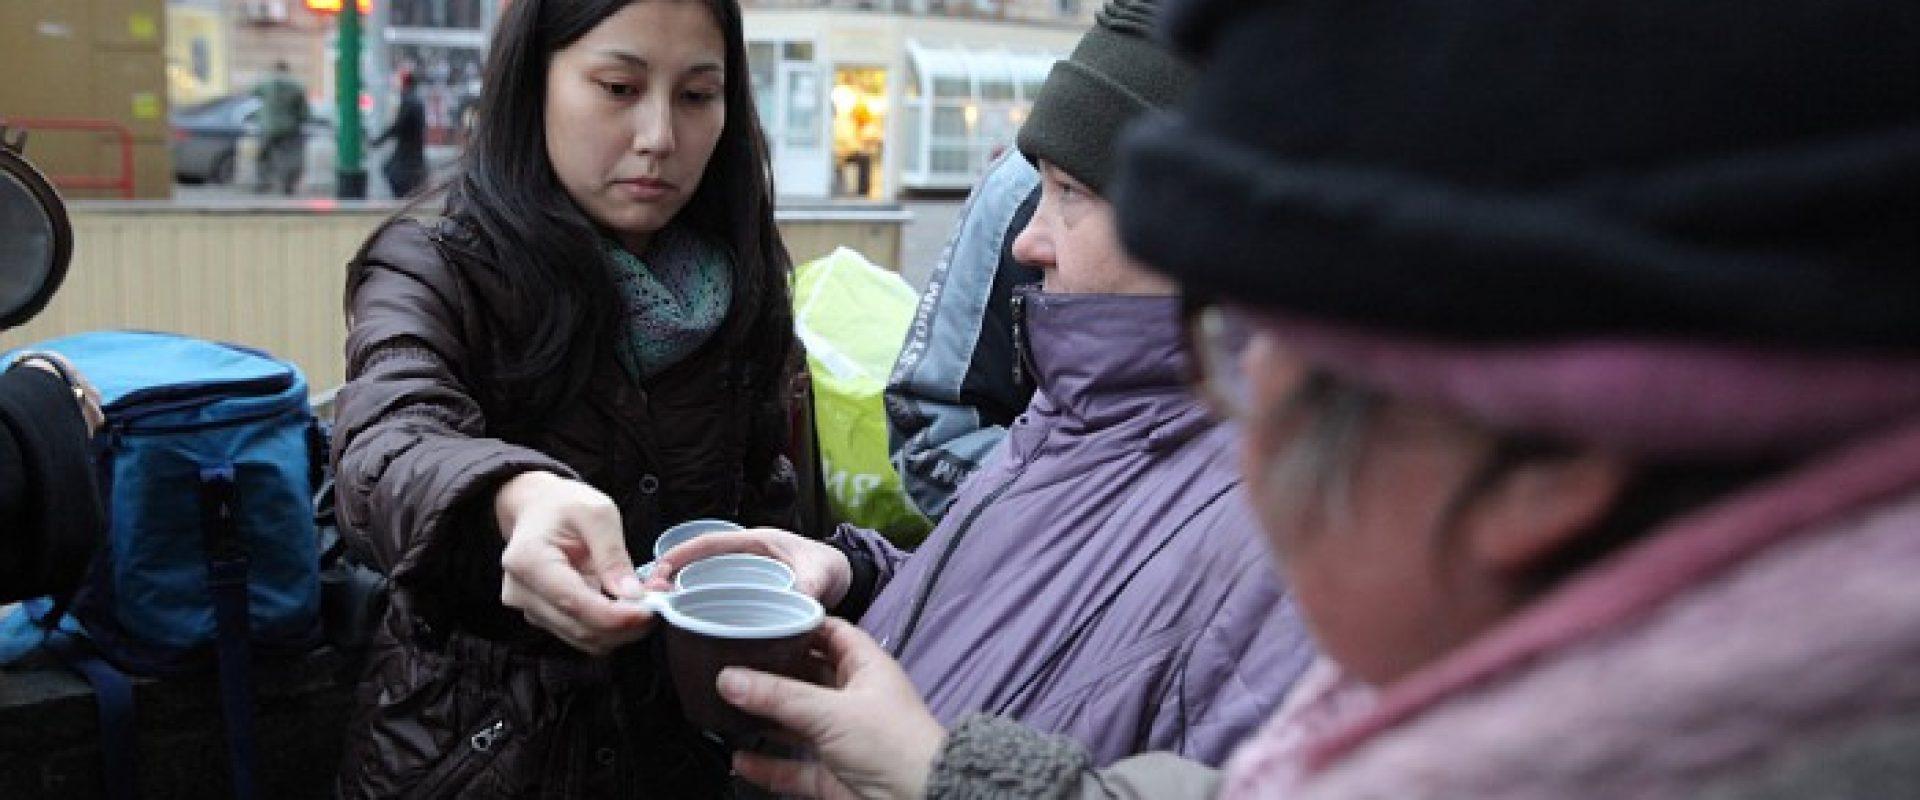 Волонтеры помогают бездомным